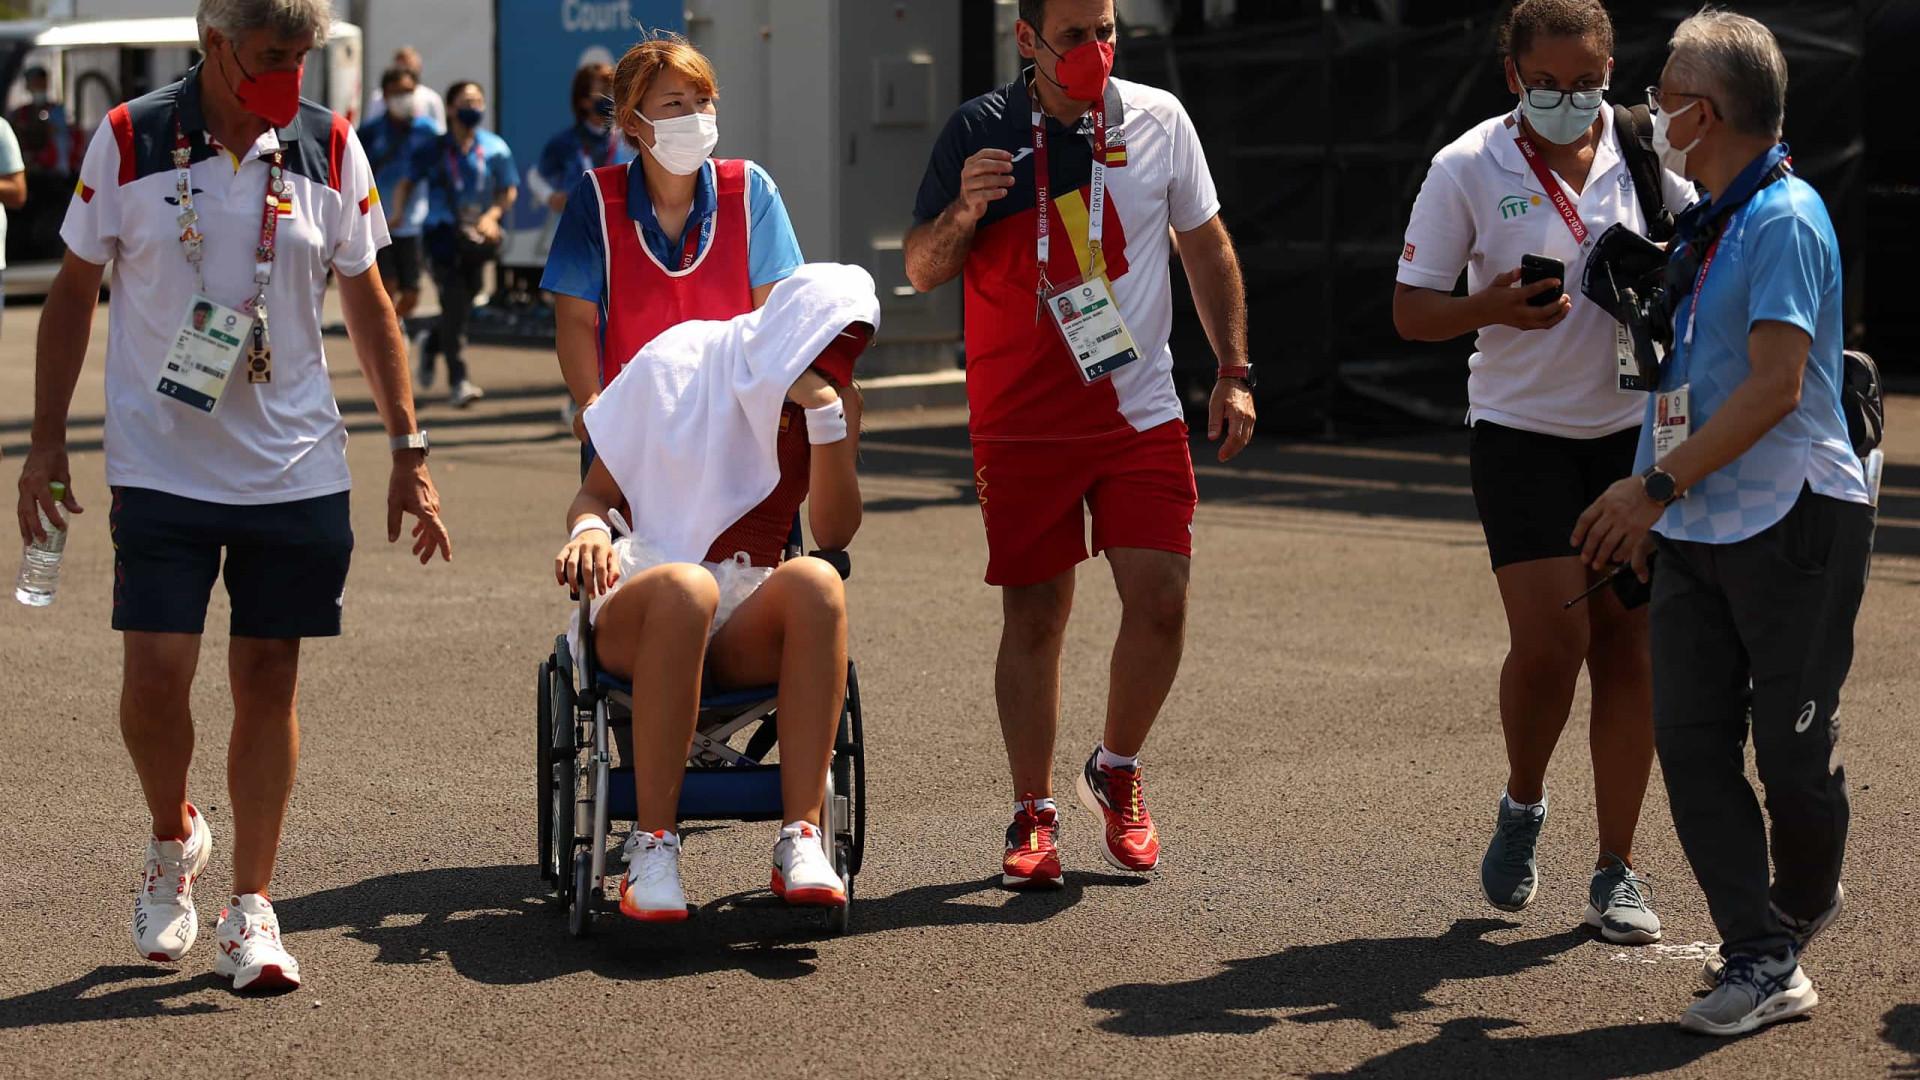 Calor derruba tenistas em Tóquio; espanhola passa mal e abandona jogo das quartas